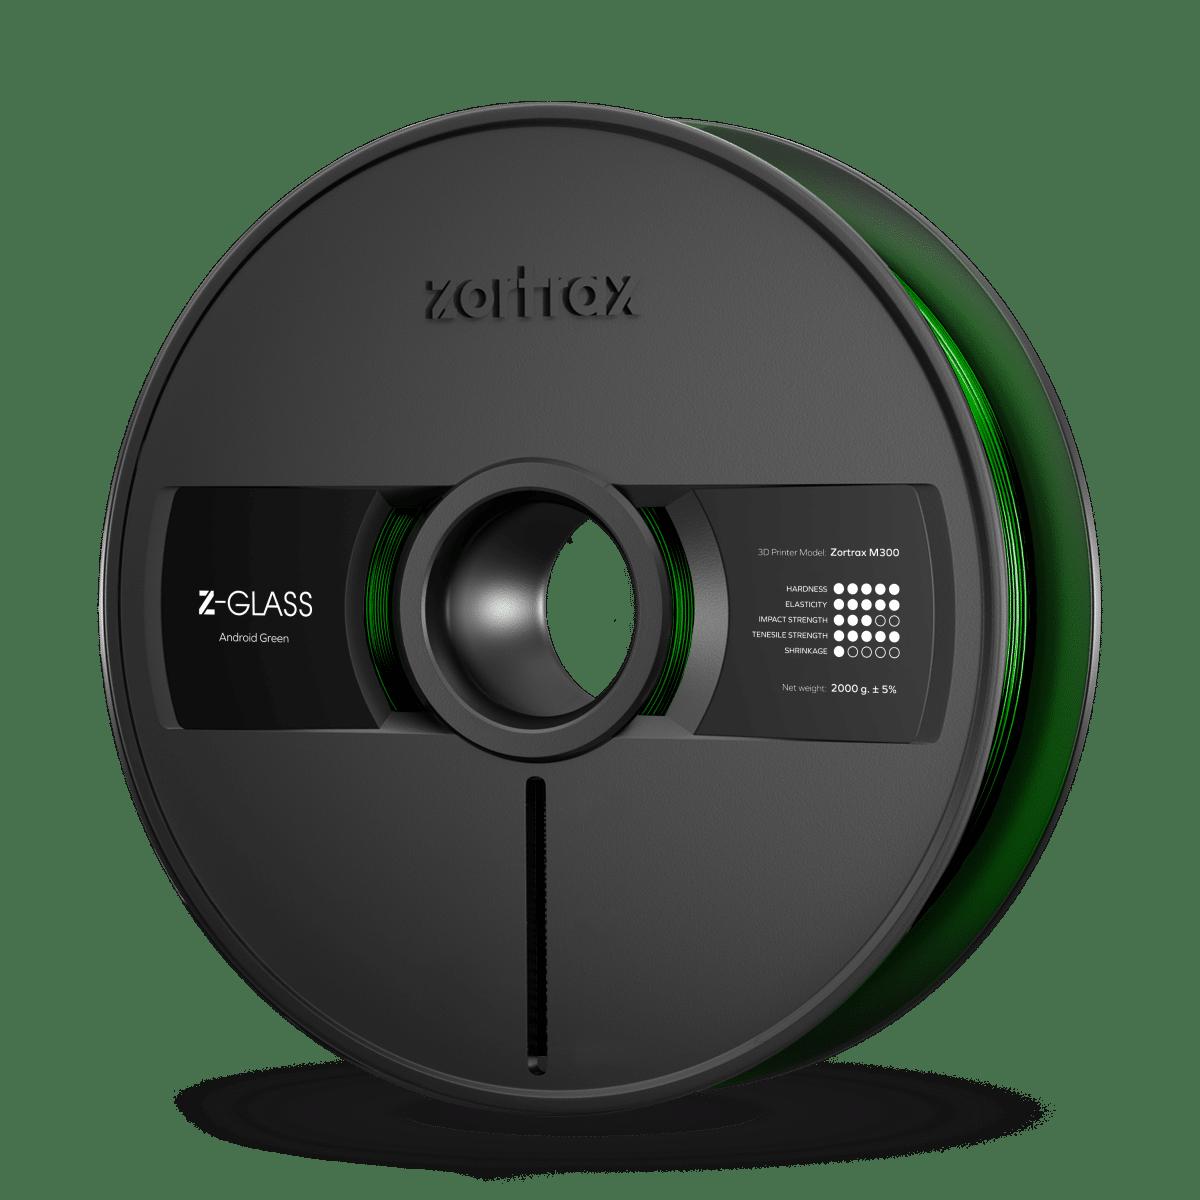 Billede af Zortrax Z-GLASS - M300 - 1.75 mm - 2 kg - Android Green